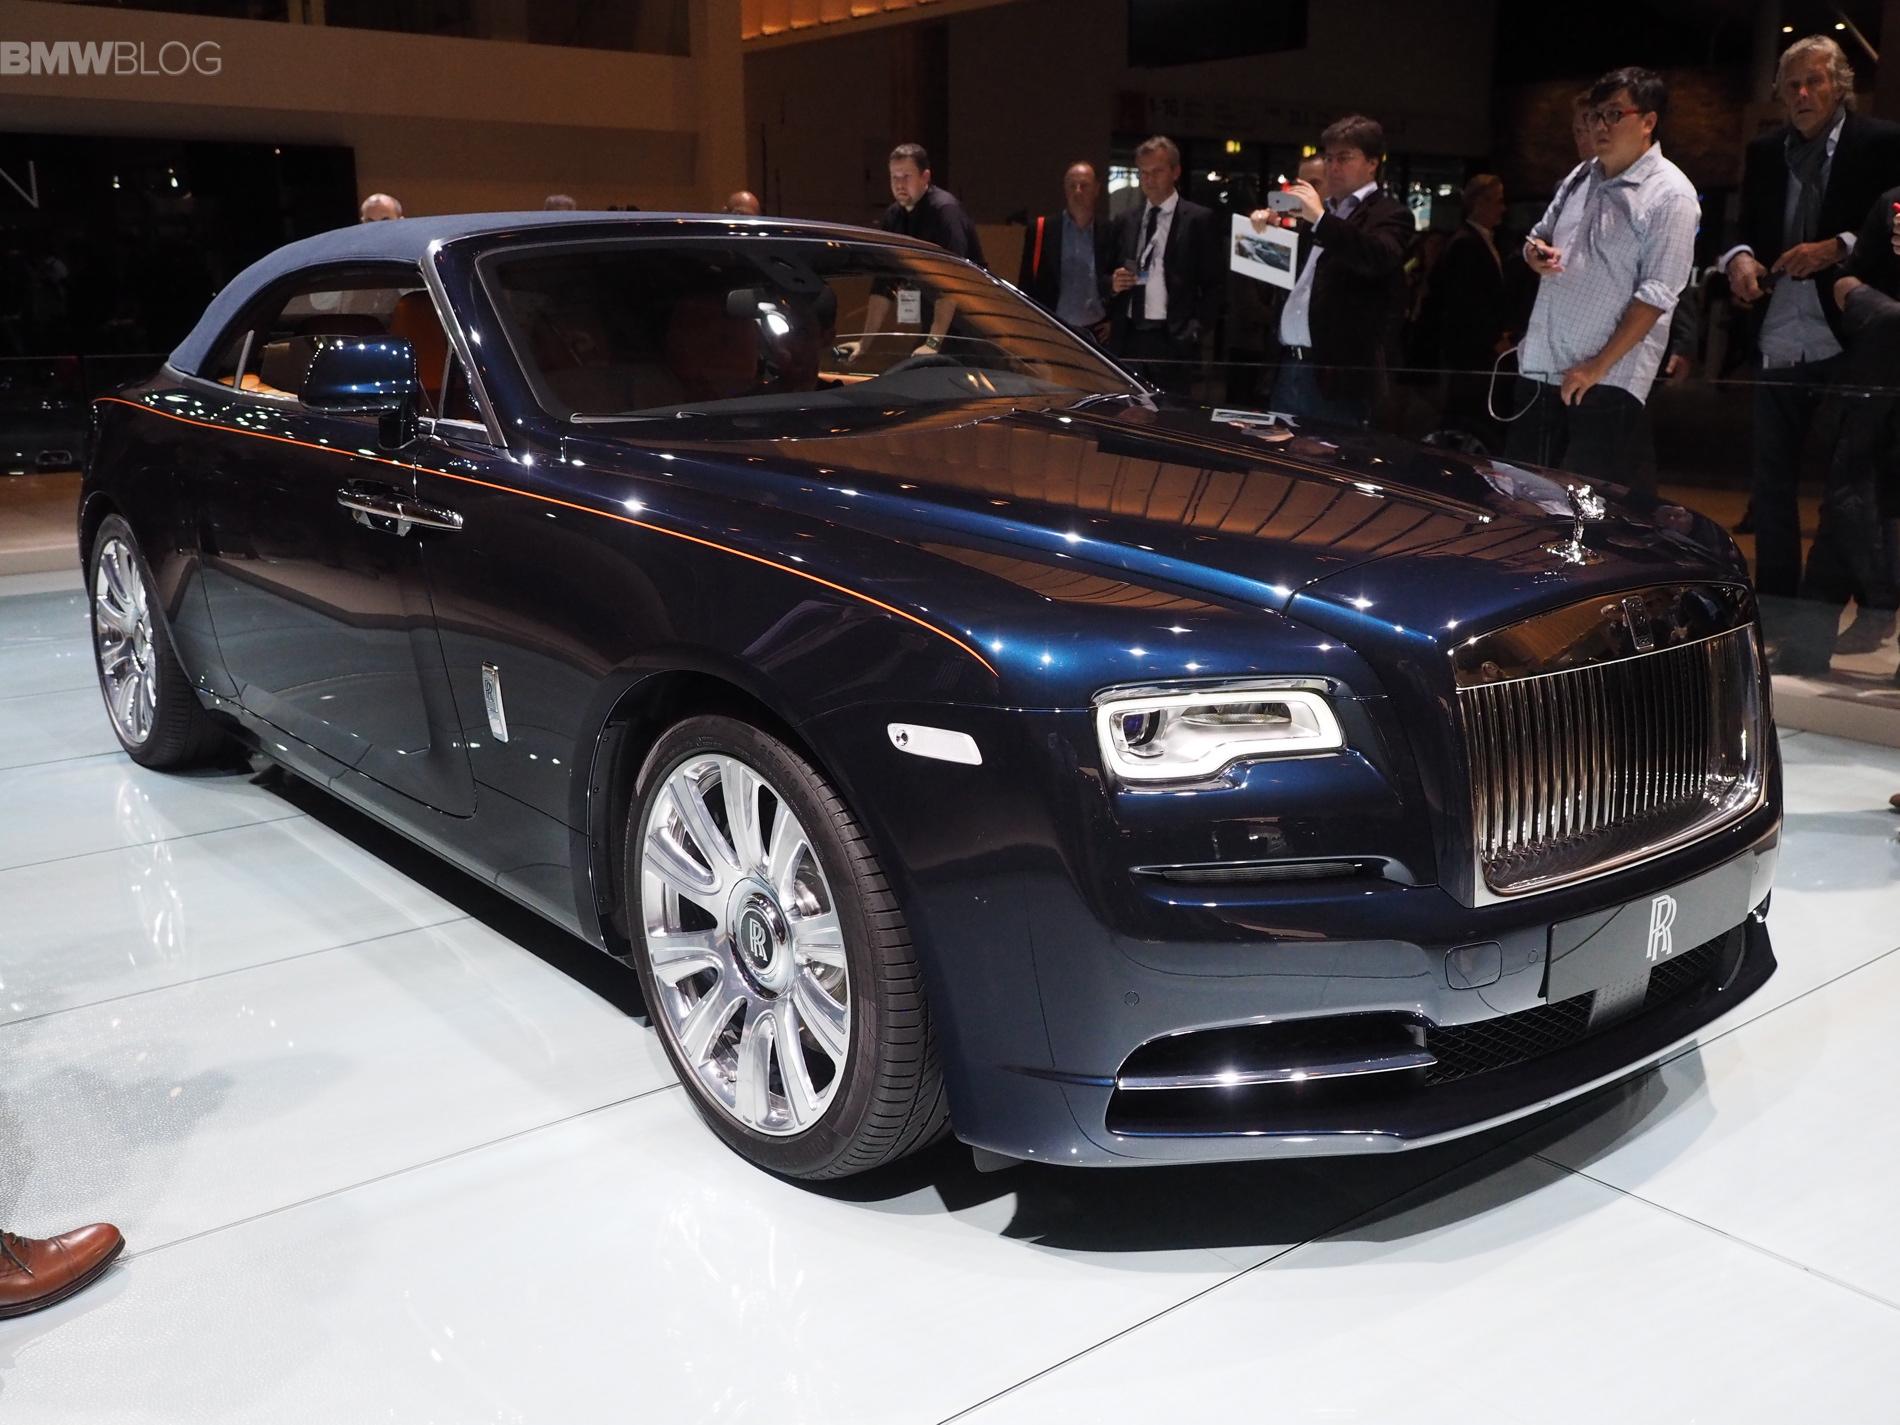 Rolls Royce Dawn images 1900x1200 071